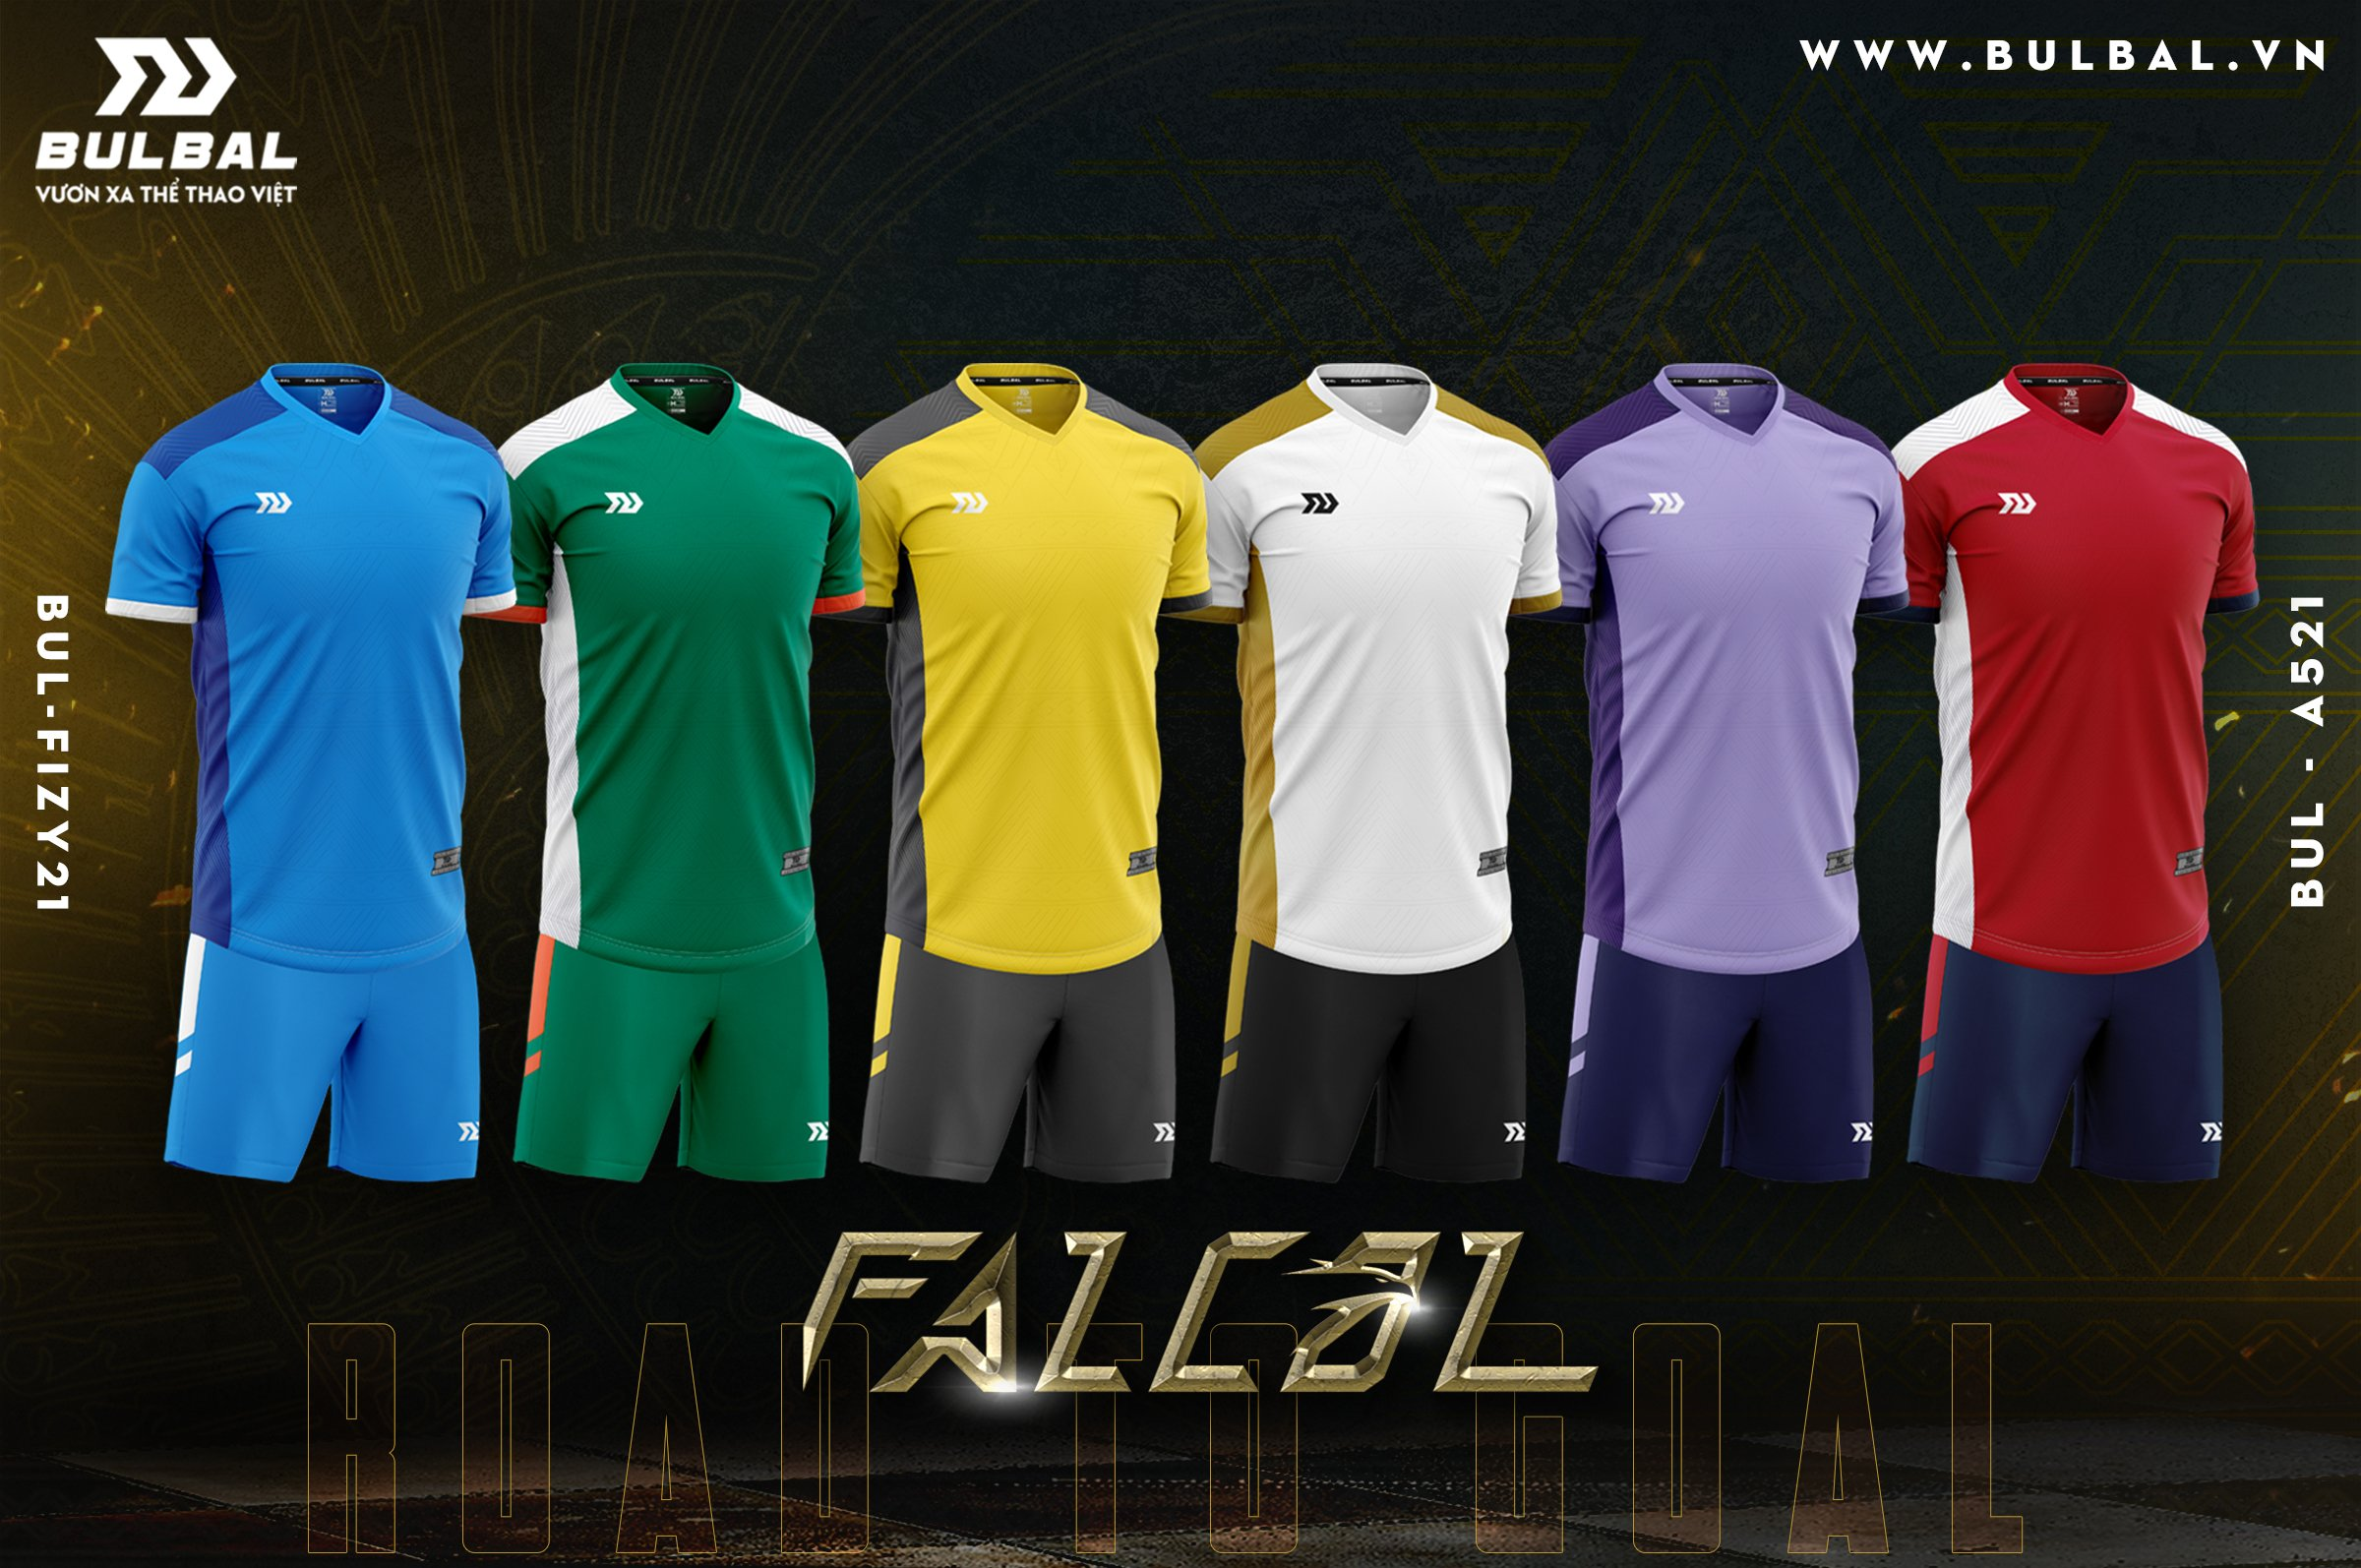 Quần áo bóng đá Bulbal Facol